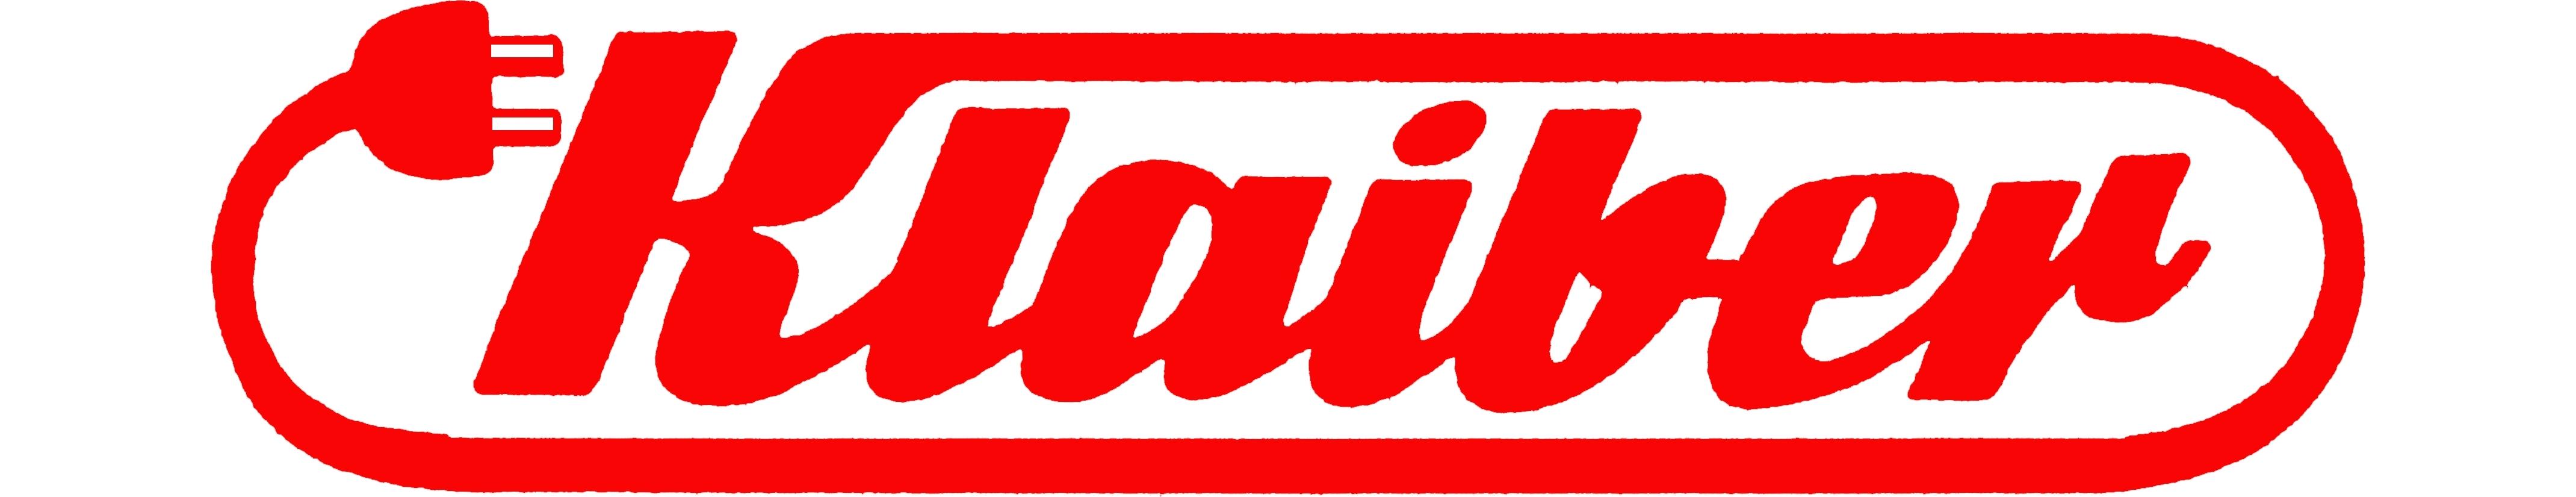 klaiber-logo-bearbeitet1